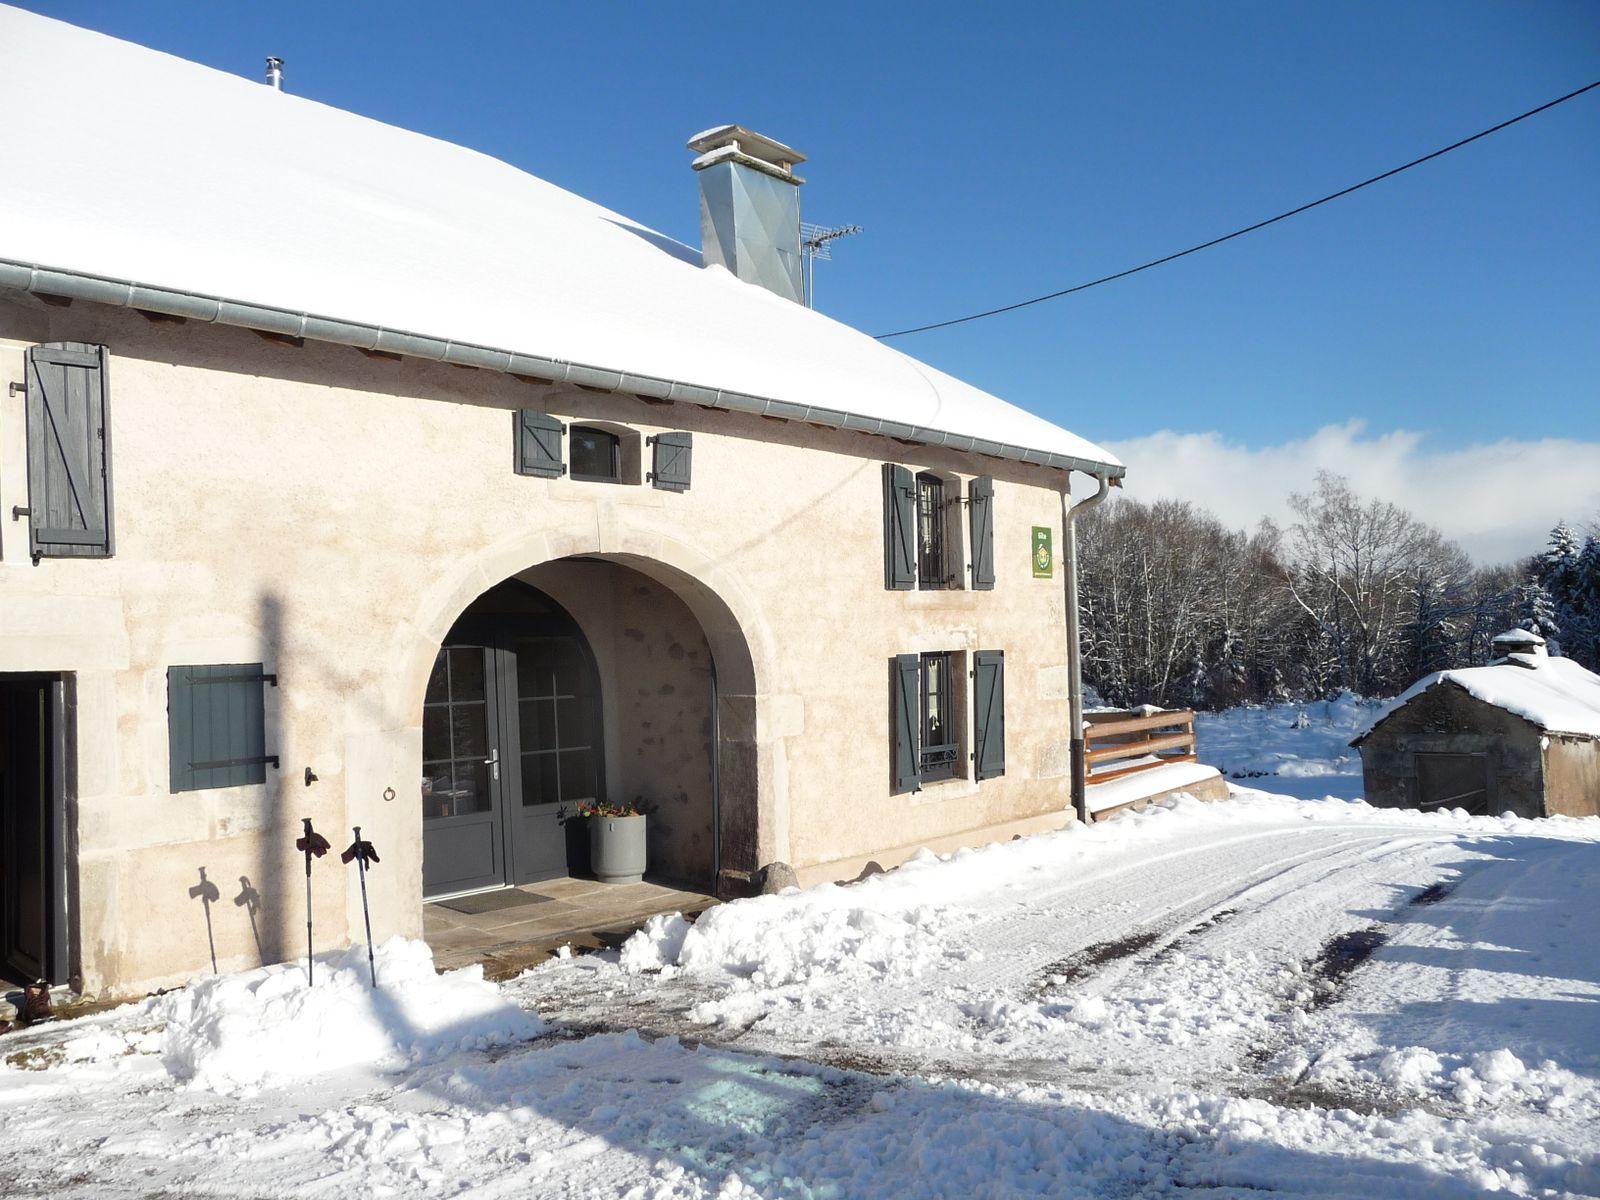 entrée principale  du gîte sous la neige